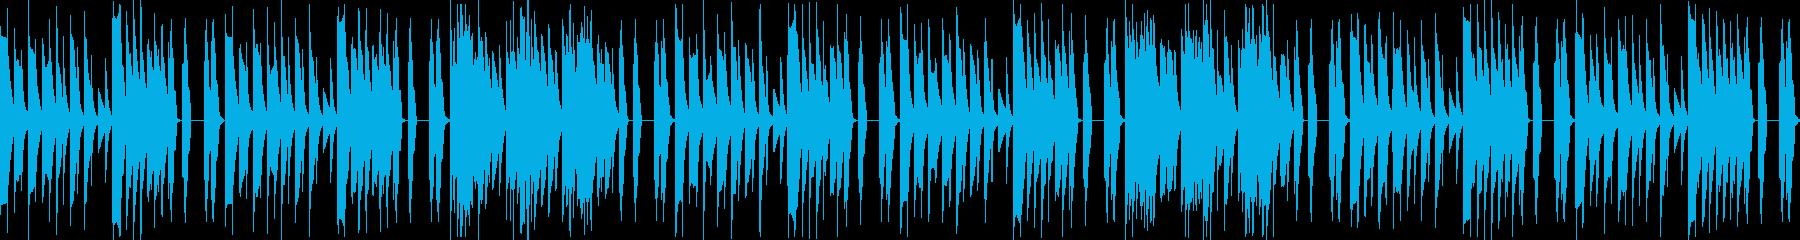 ゆったりピコピコBGMの再生済みの波形